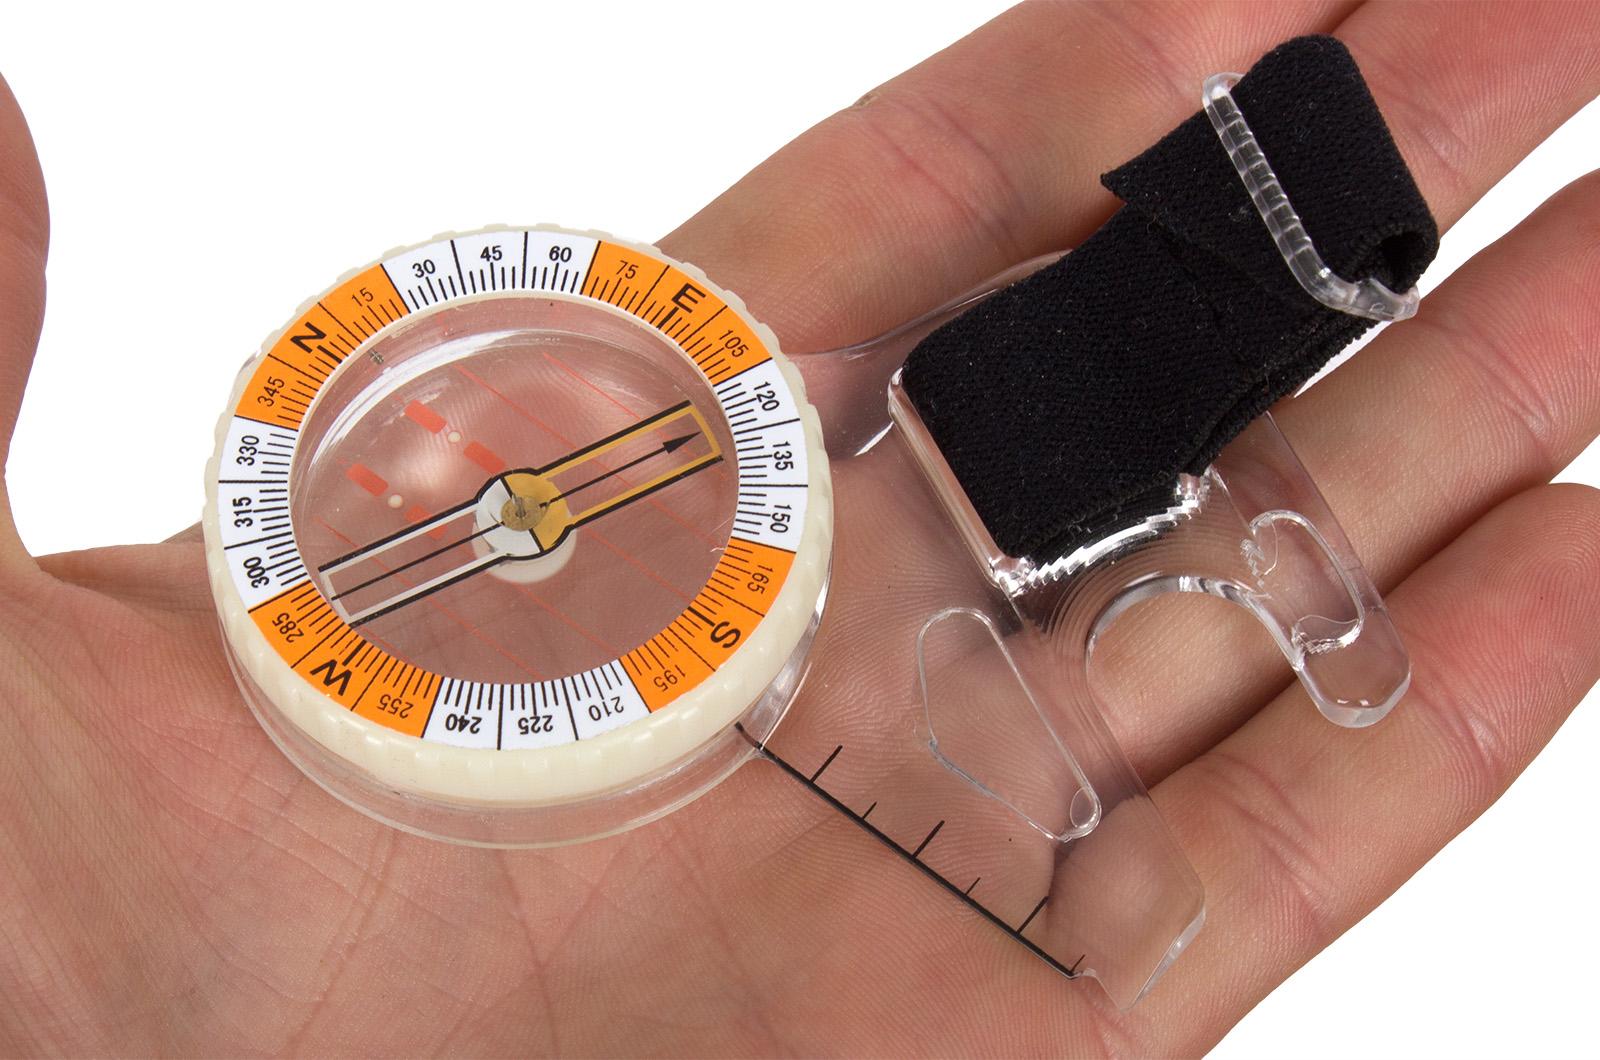 Купить компас на палец